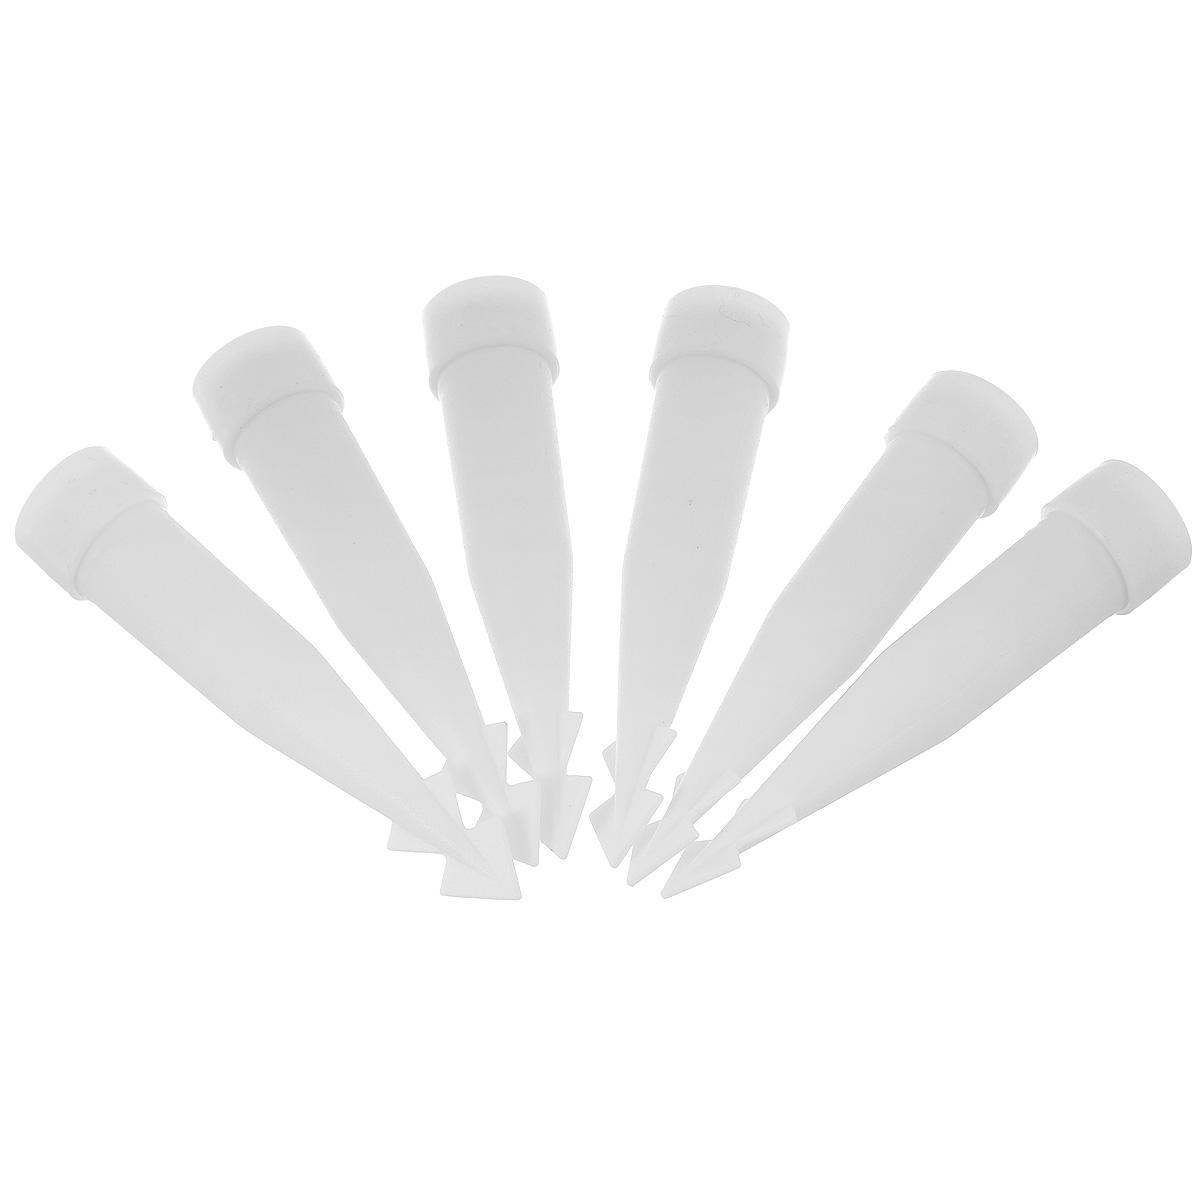 Клин-держатель для живых цветов на торте Wilton, 6 штWLT-205-8501Клин-держатель Wilton предназначен для закрепления на торте живых цветов. Можно налить в него воды, чтобы ваши цветы долго оставались свежими. Оснащен силиконовой крышкой для предотвращения попадания на торт воды. Высота: 9 см.